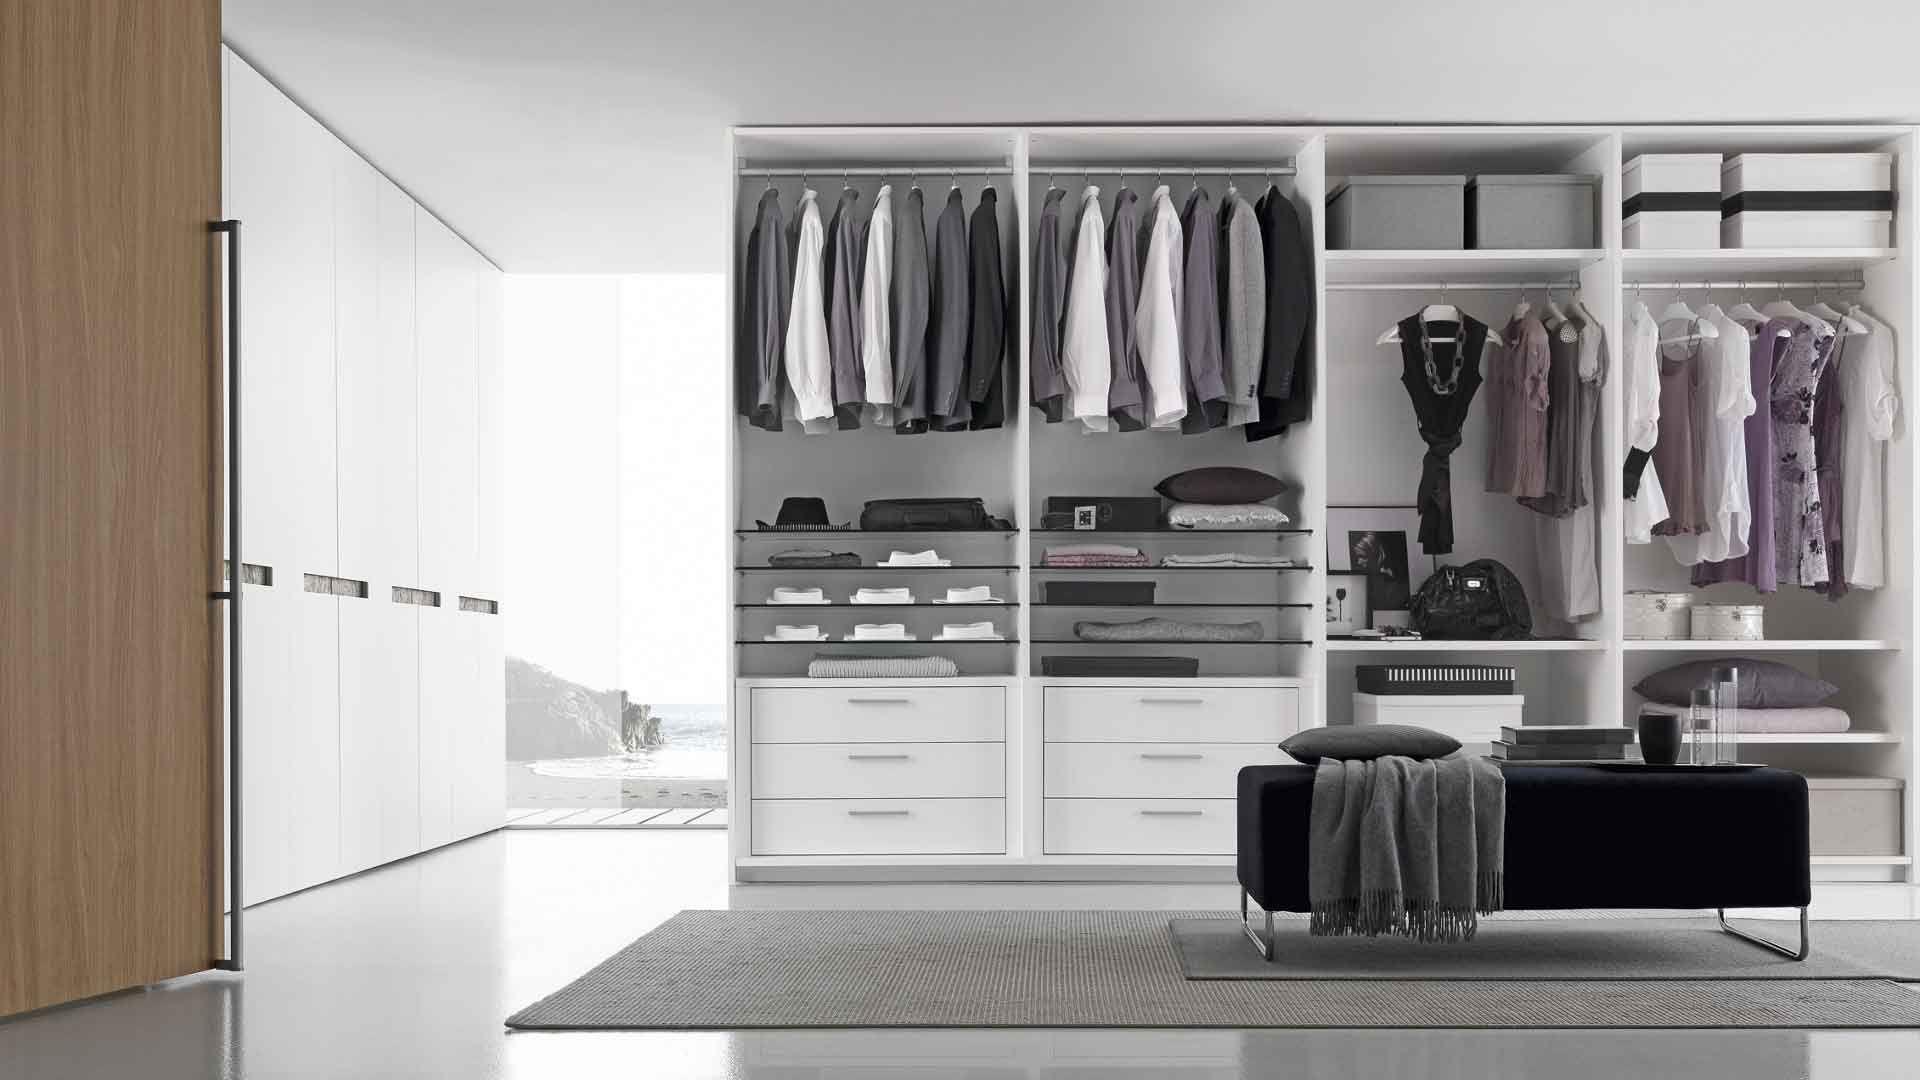 Acquistare un armadio come scegliere gli spazi interni for Armadio angolare camera da letto